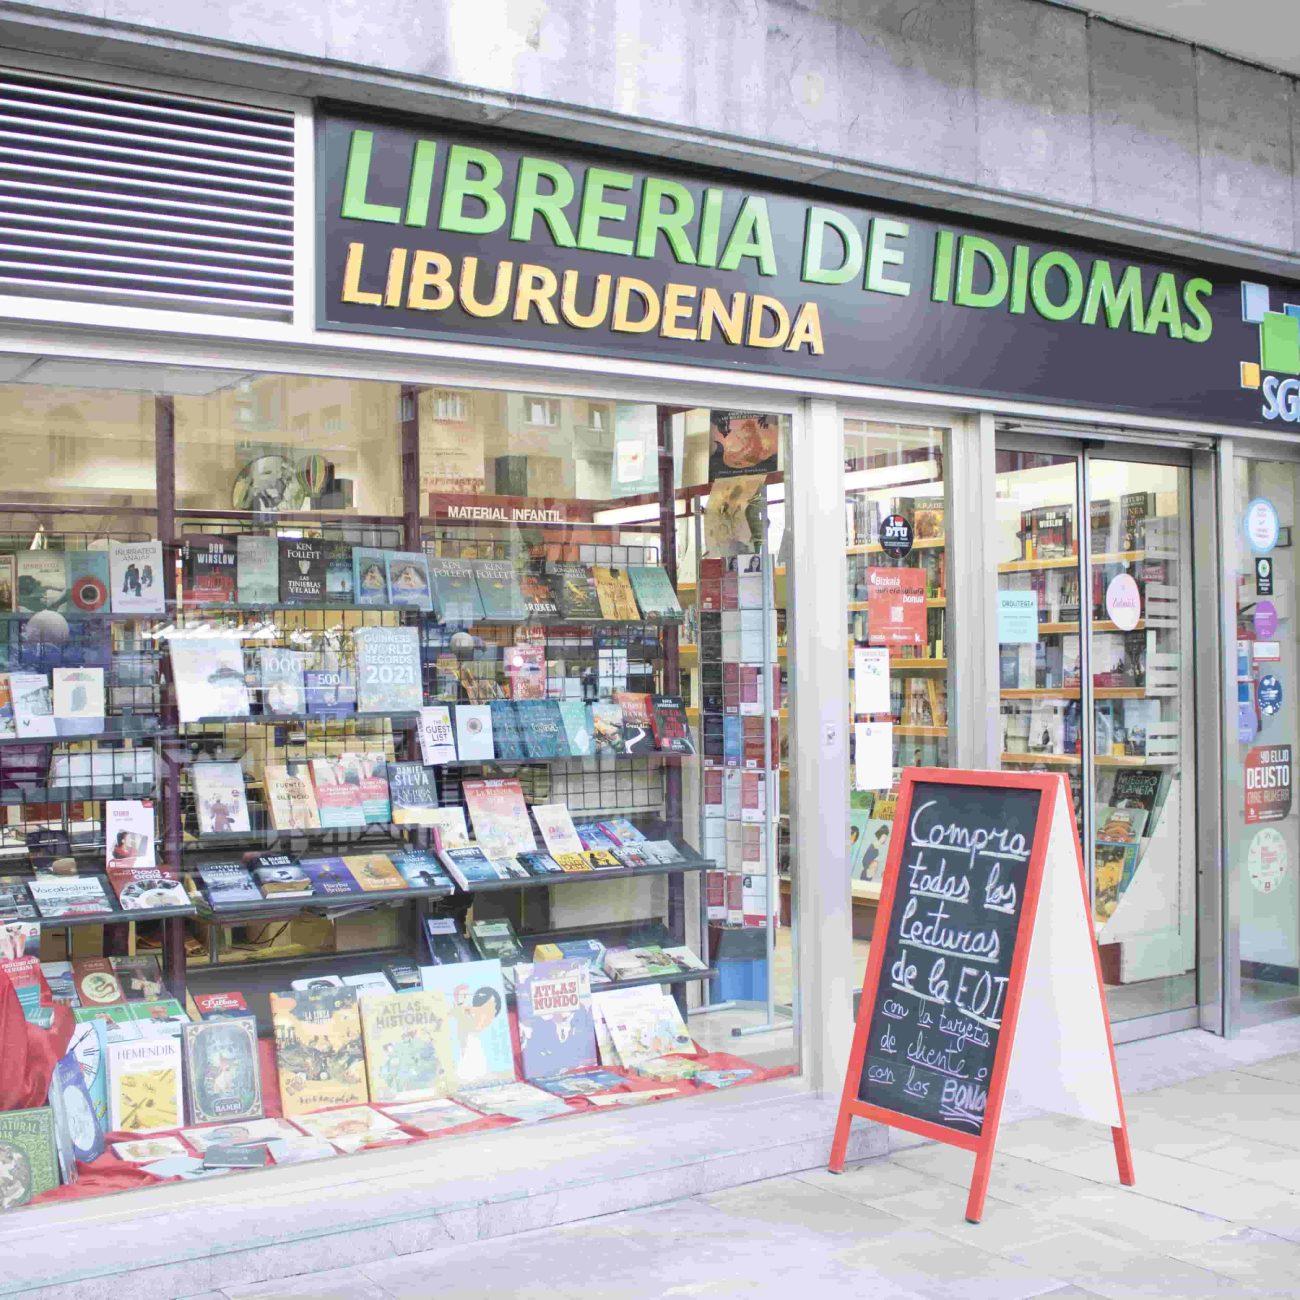 Librería de idiomas en Deusto